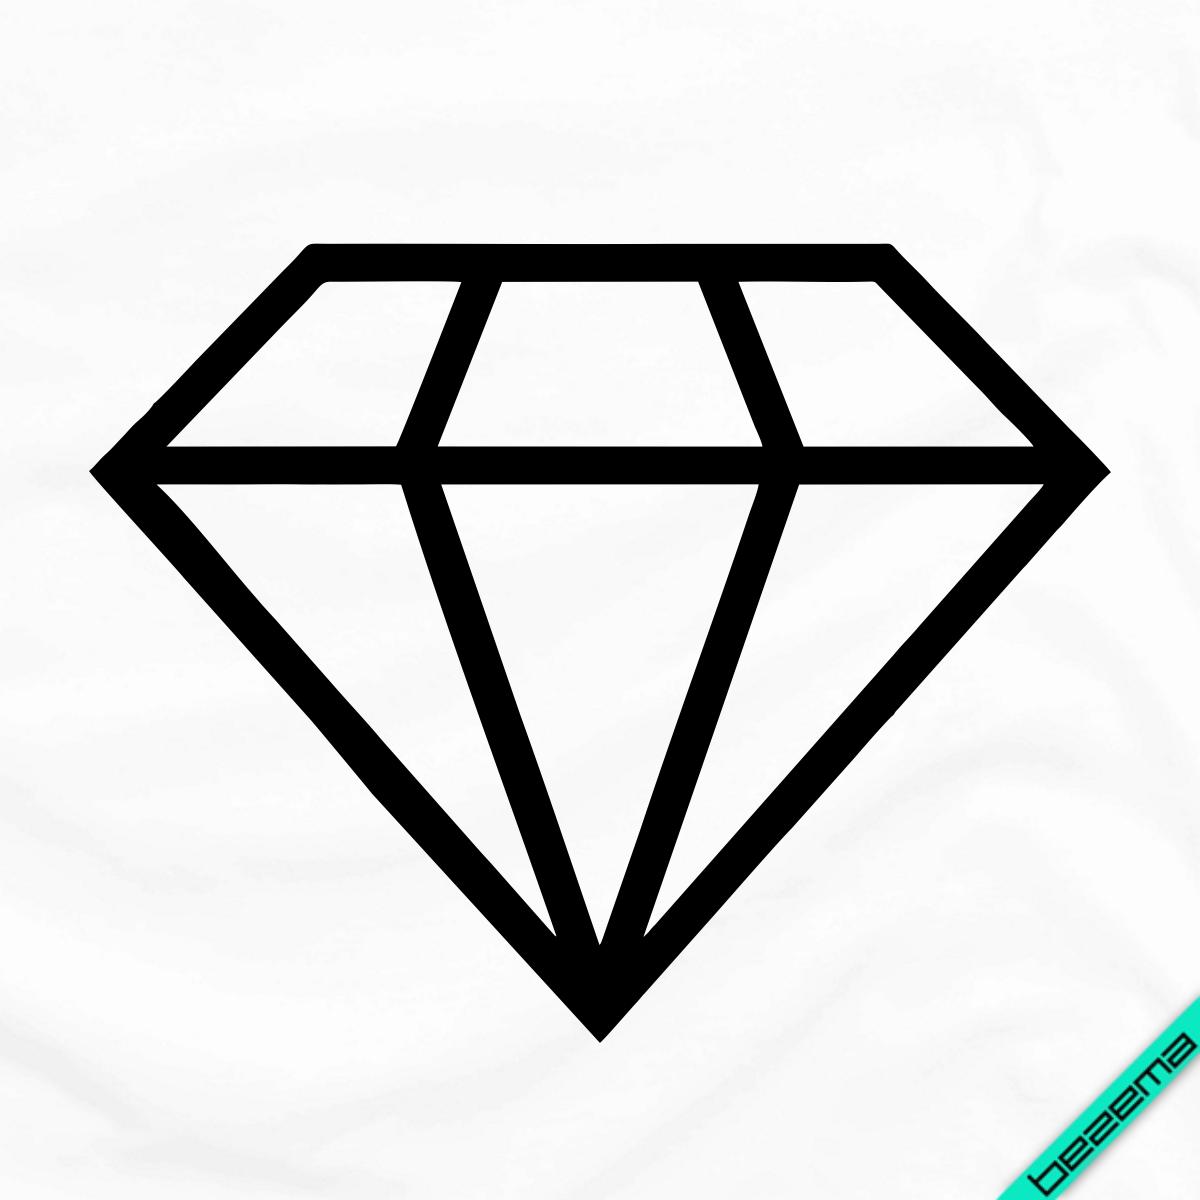 Термопечать для бизнеса на пояса Кристал [7 размеров в ассортименте] (Тип материала Флок)